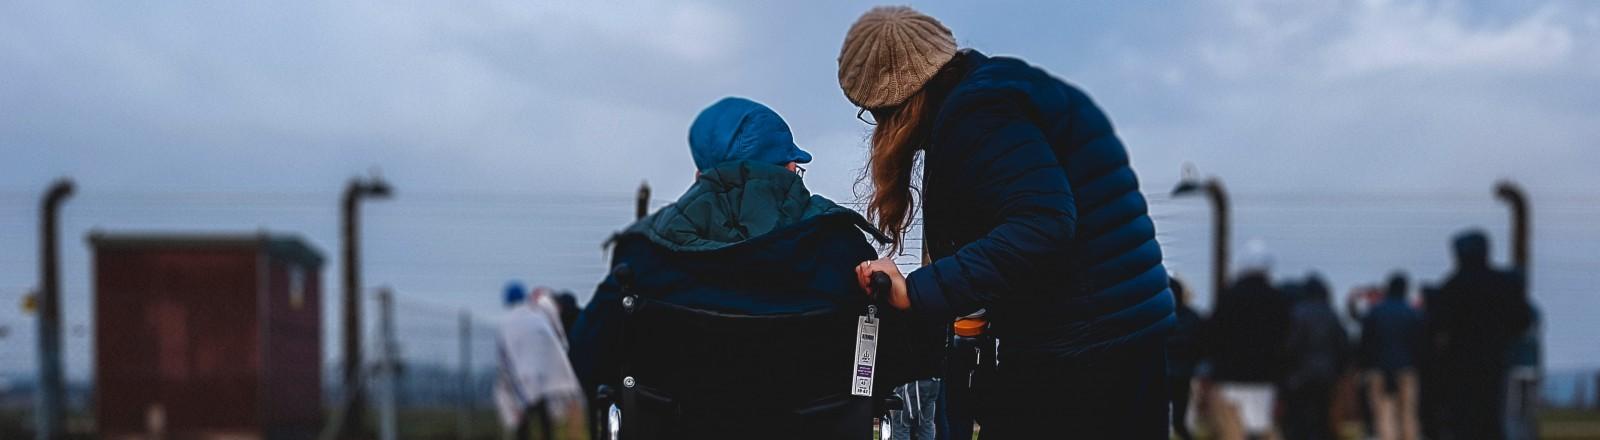 Eine Person im Rollstuhl mit einer Assistenzkraft